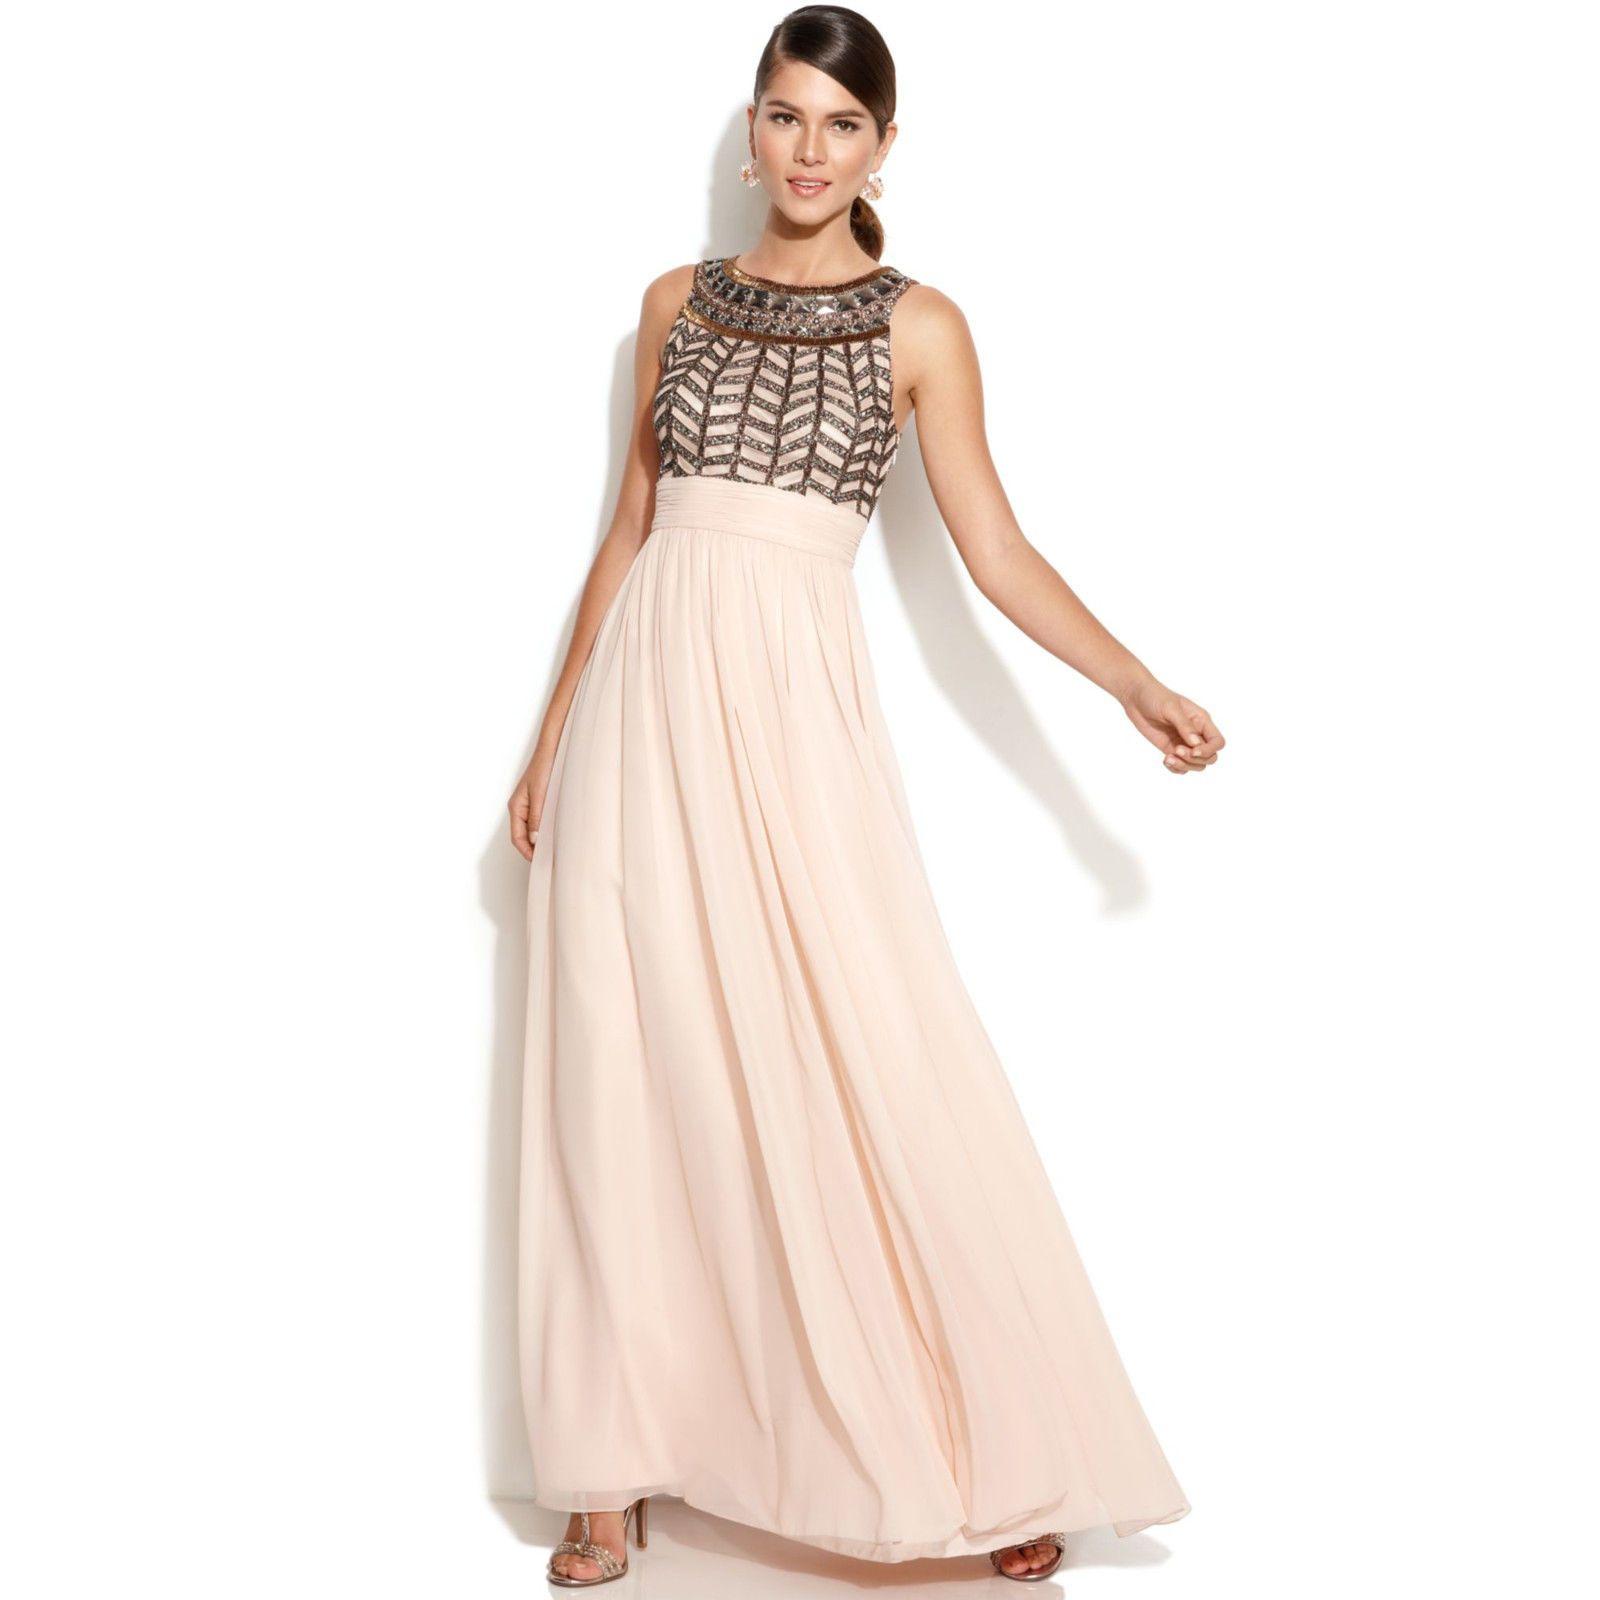 JS COLLECTION Beaded Empire Waist Gown   Dress   Pinterest   Empire ...